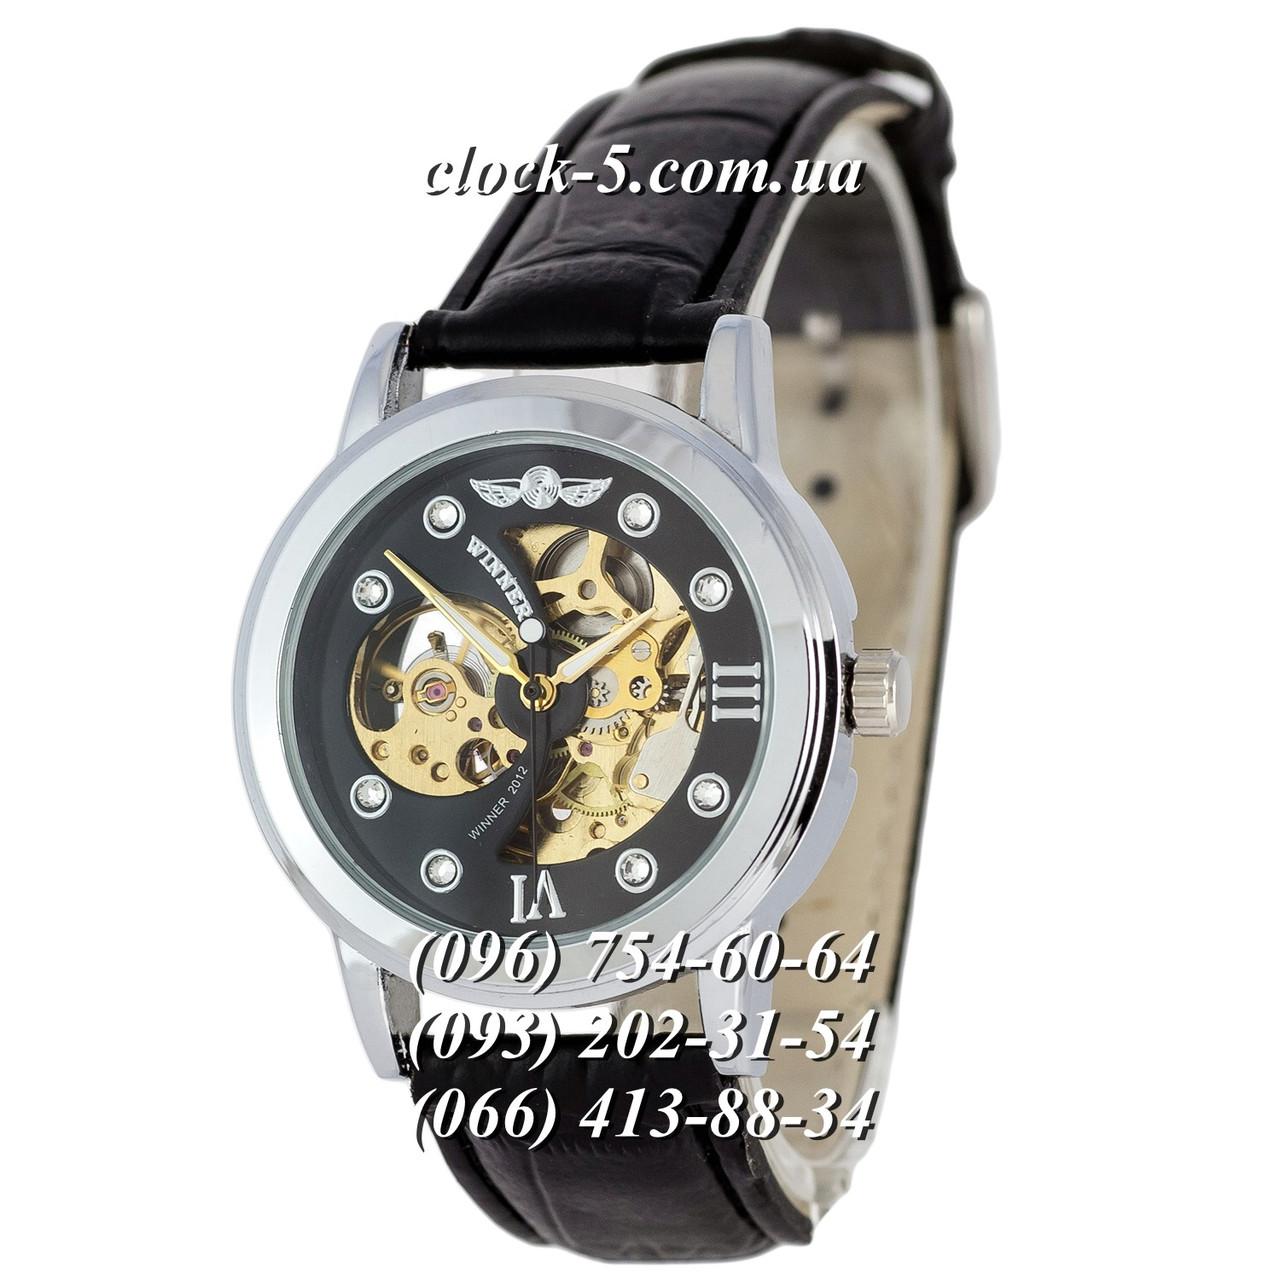 4079d12de2f9 Мужские механические часы скелетон Winner Skeleton с автоподзаводом ...